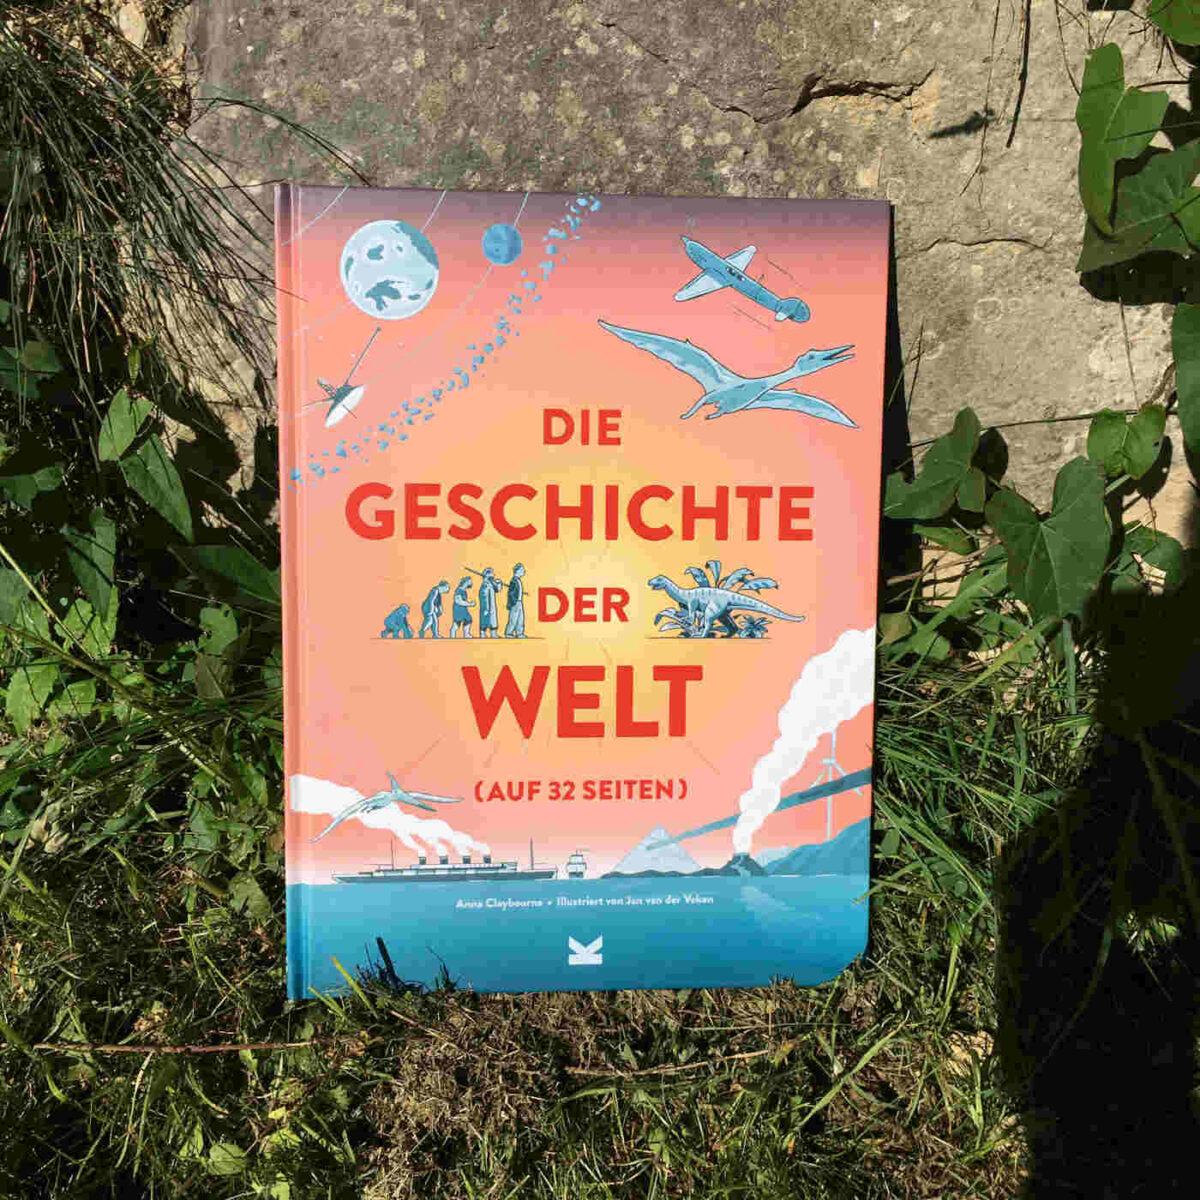 Anna Claybourne und Jan van der Veken: Die Geschichte der Welt (auf 32 Seiten)